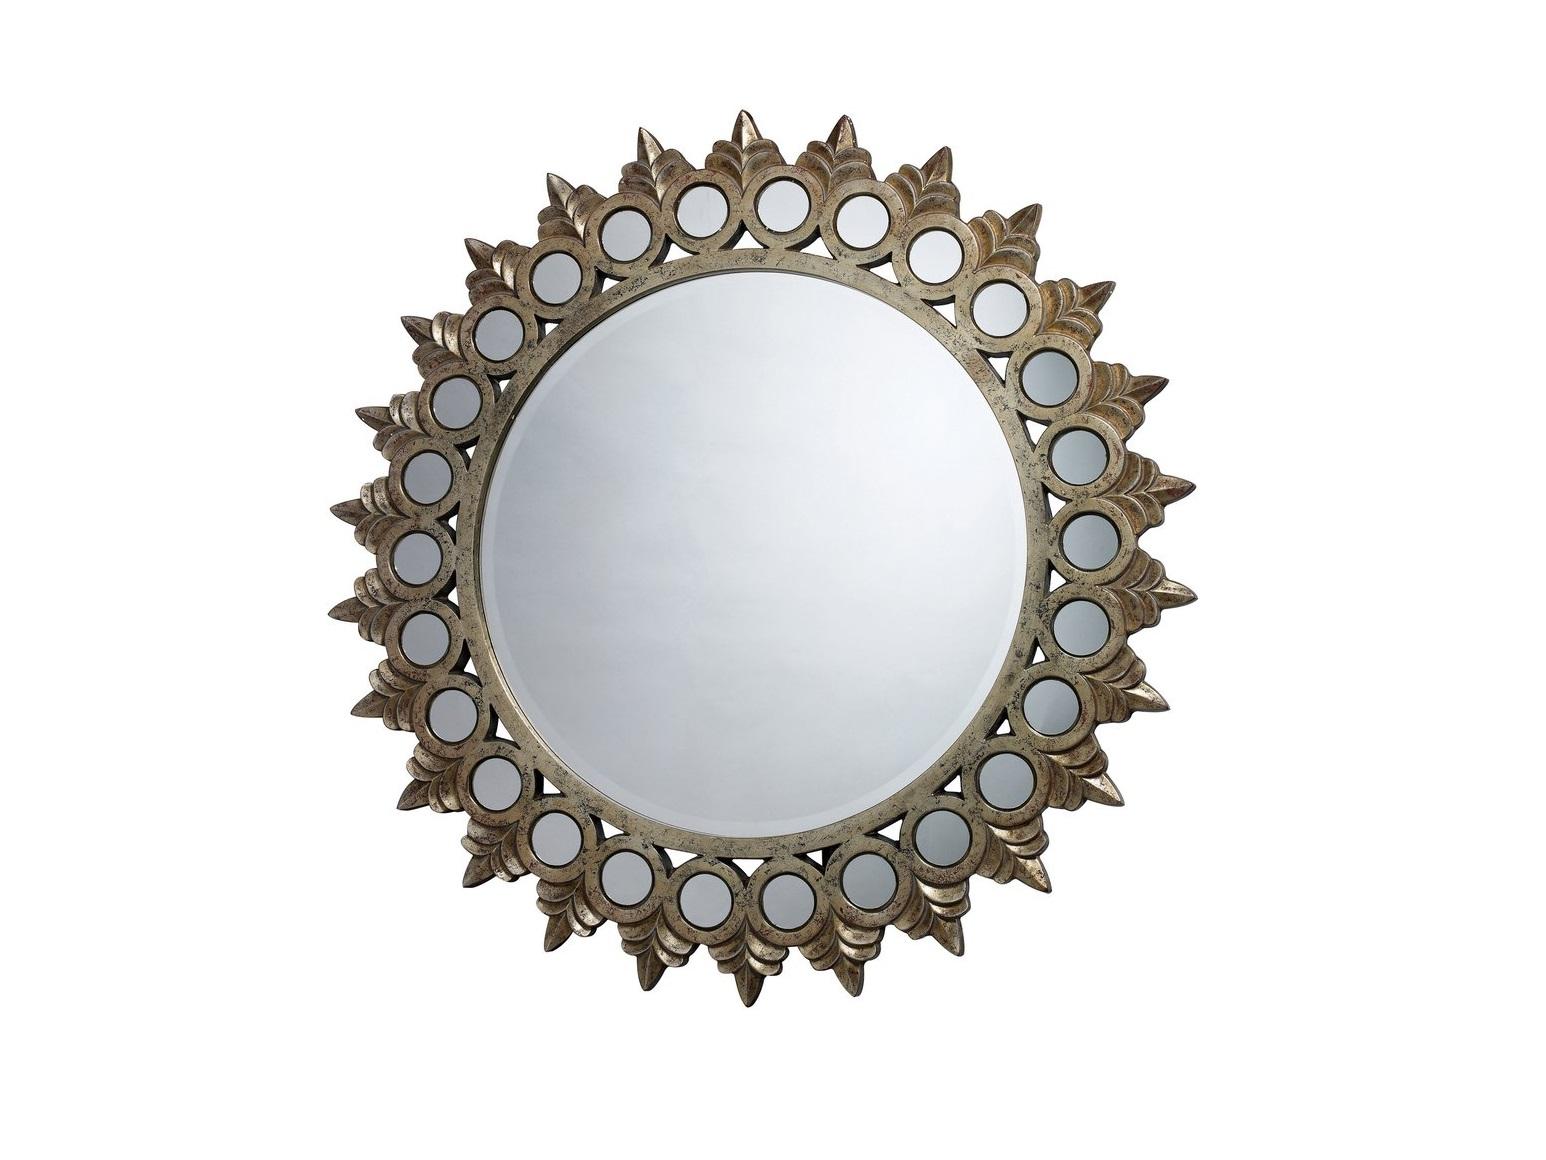 Зеркало в раме СедрикНастенные зеркала<br>Крепления входят в стоимость.<br><br>Material: Дерево<br>Length см: None<br>Width см: None<br>Depth см: 3<br>Height см: None<br>Diameter см: 110